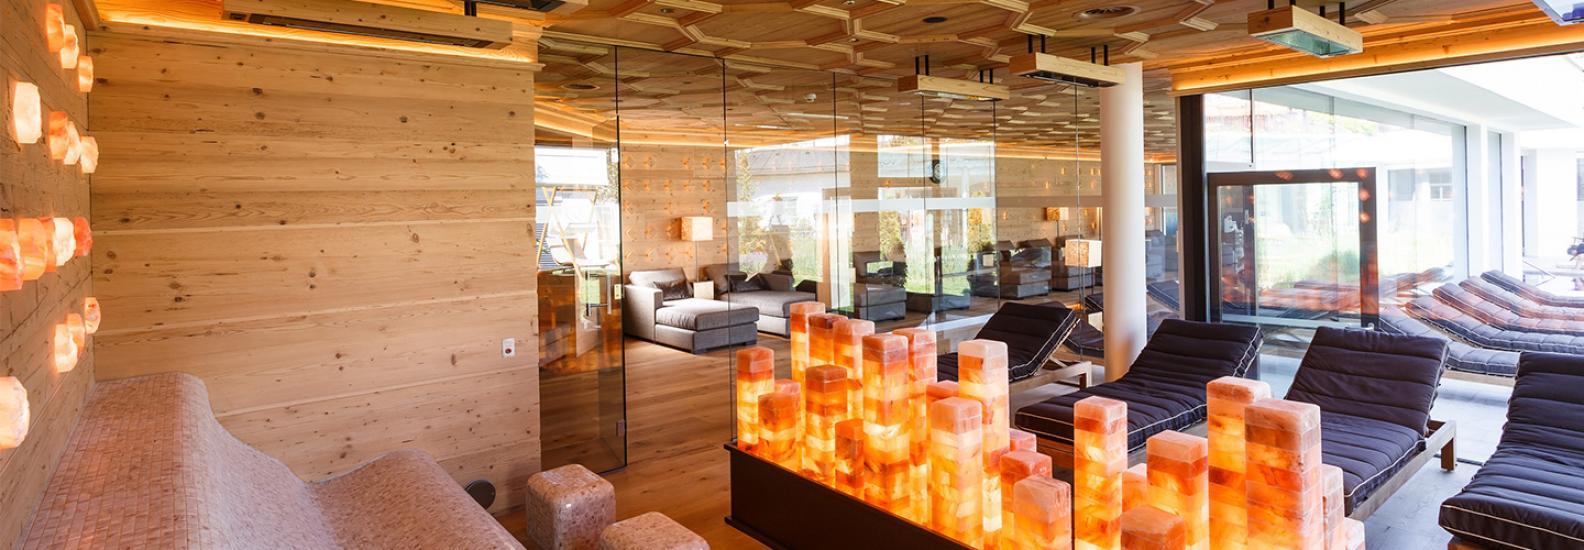 devine - solegrotte - hotel peternhof - kössen - ©lukas rubisoier